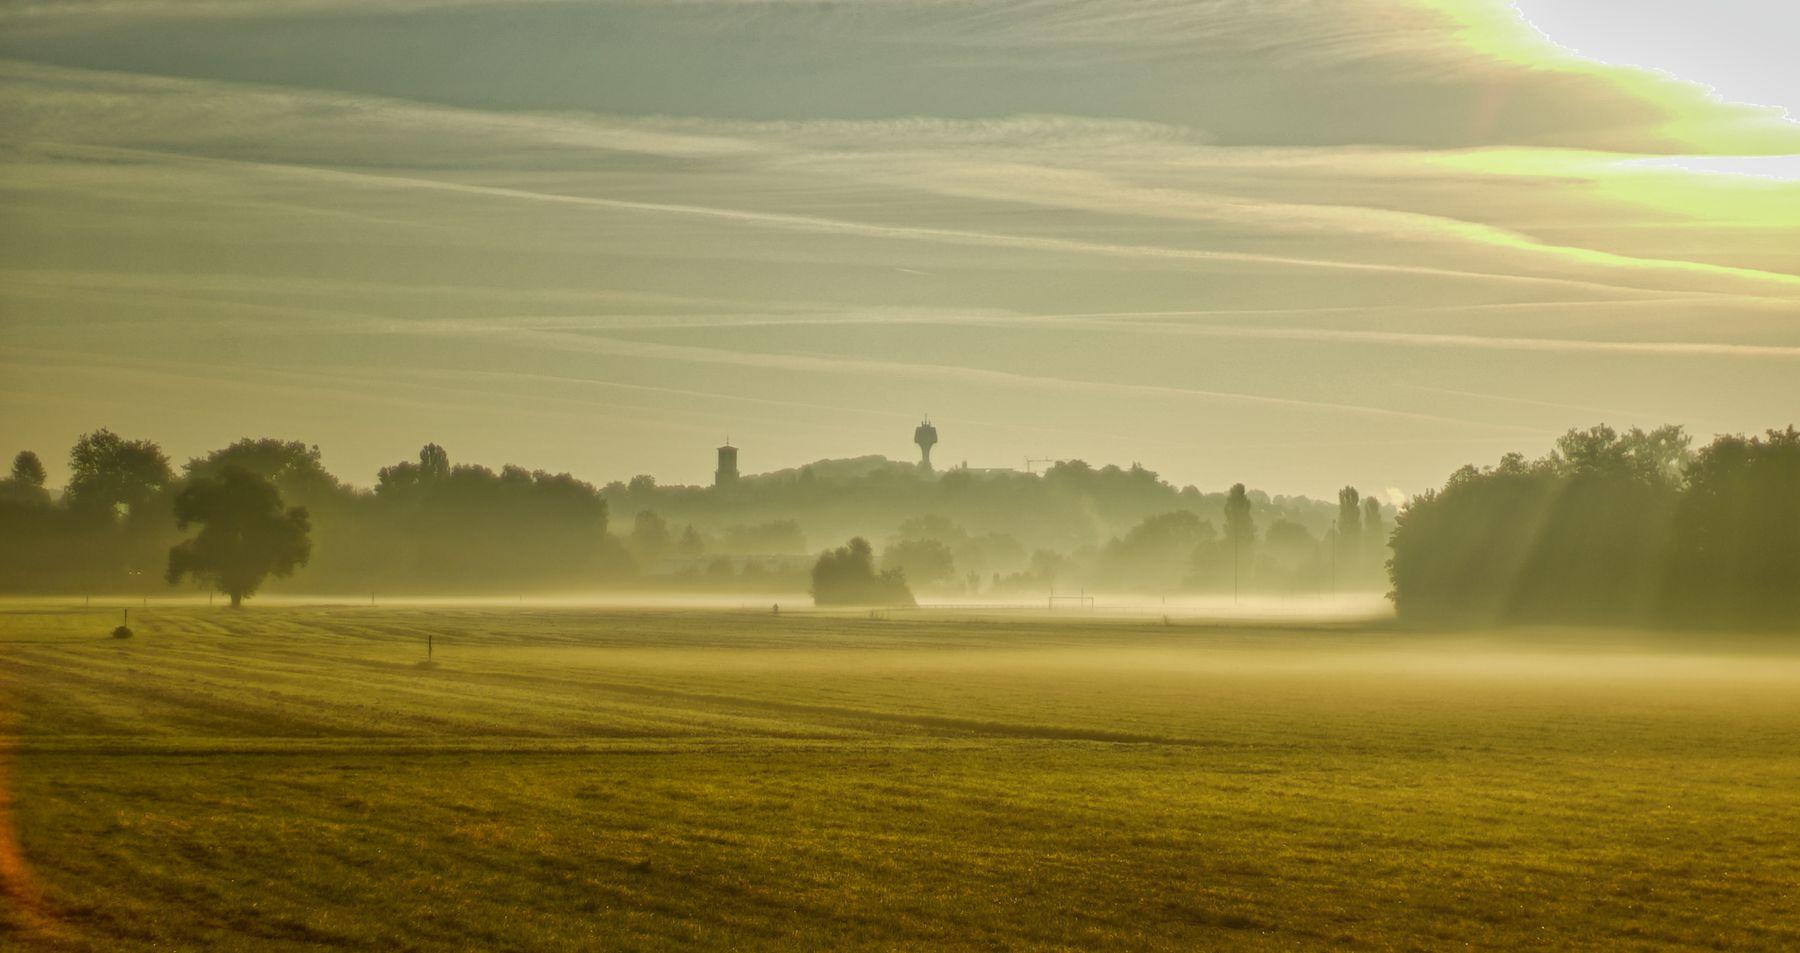 утро утро туман поле